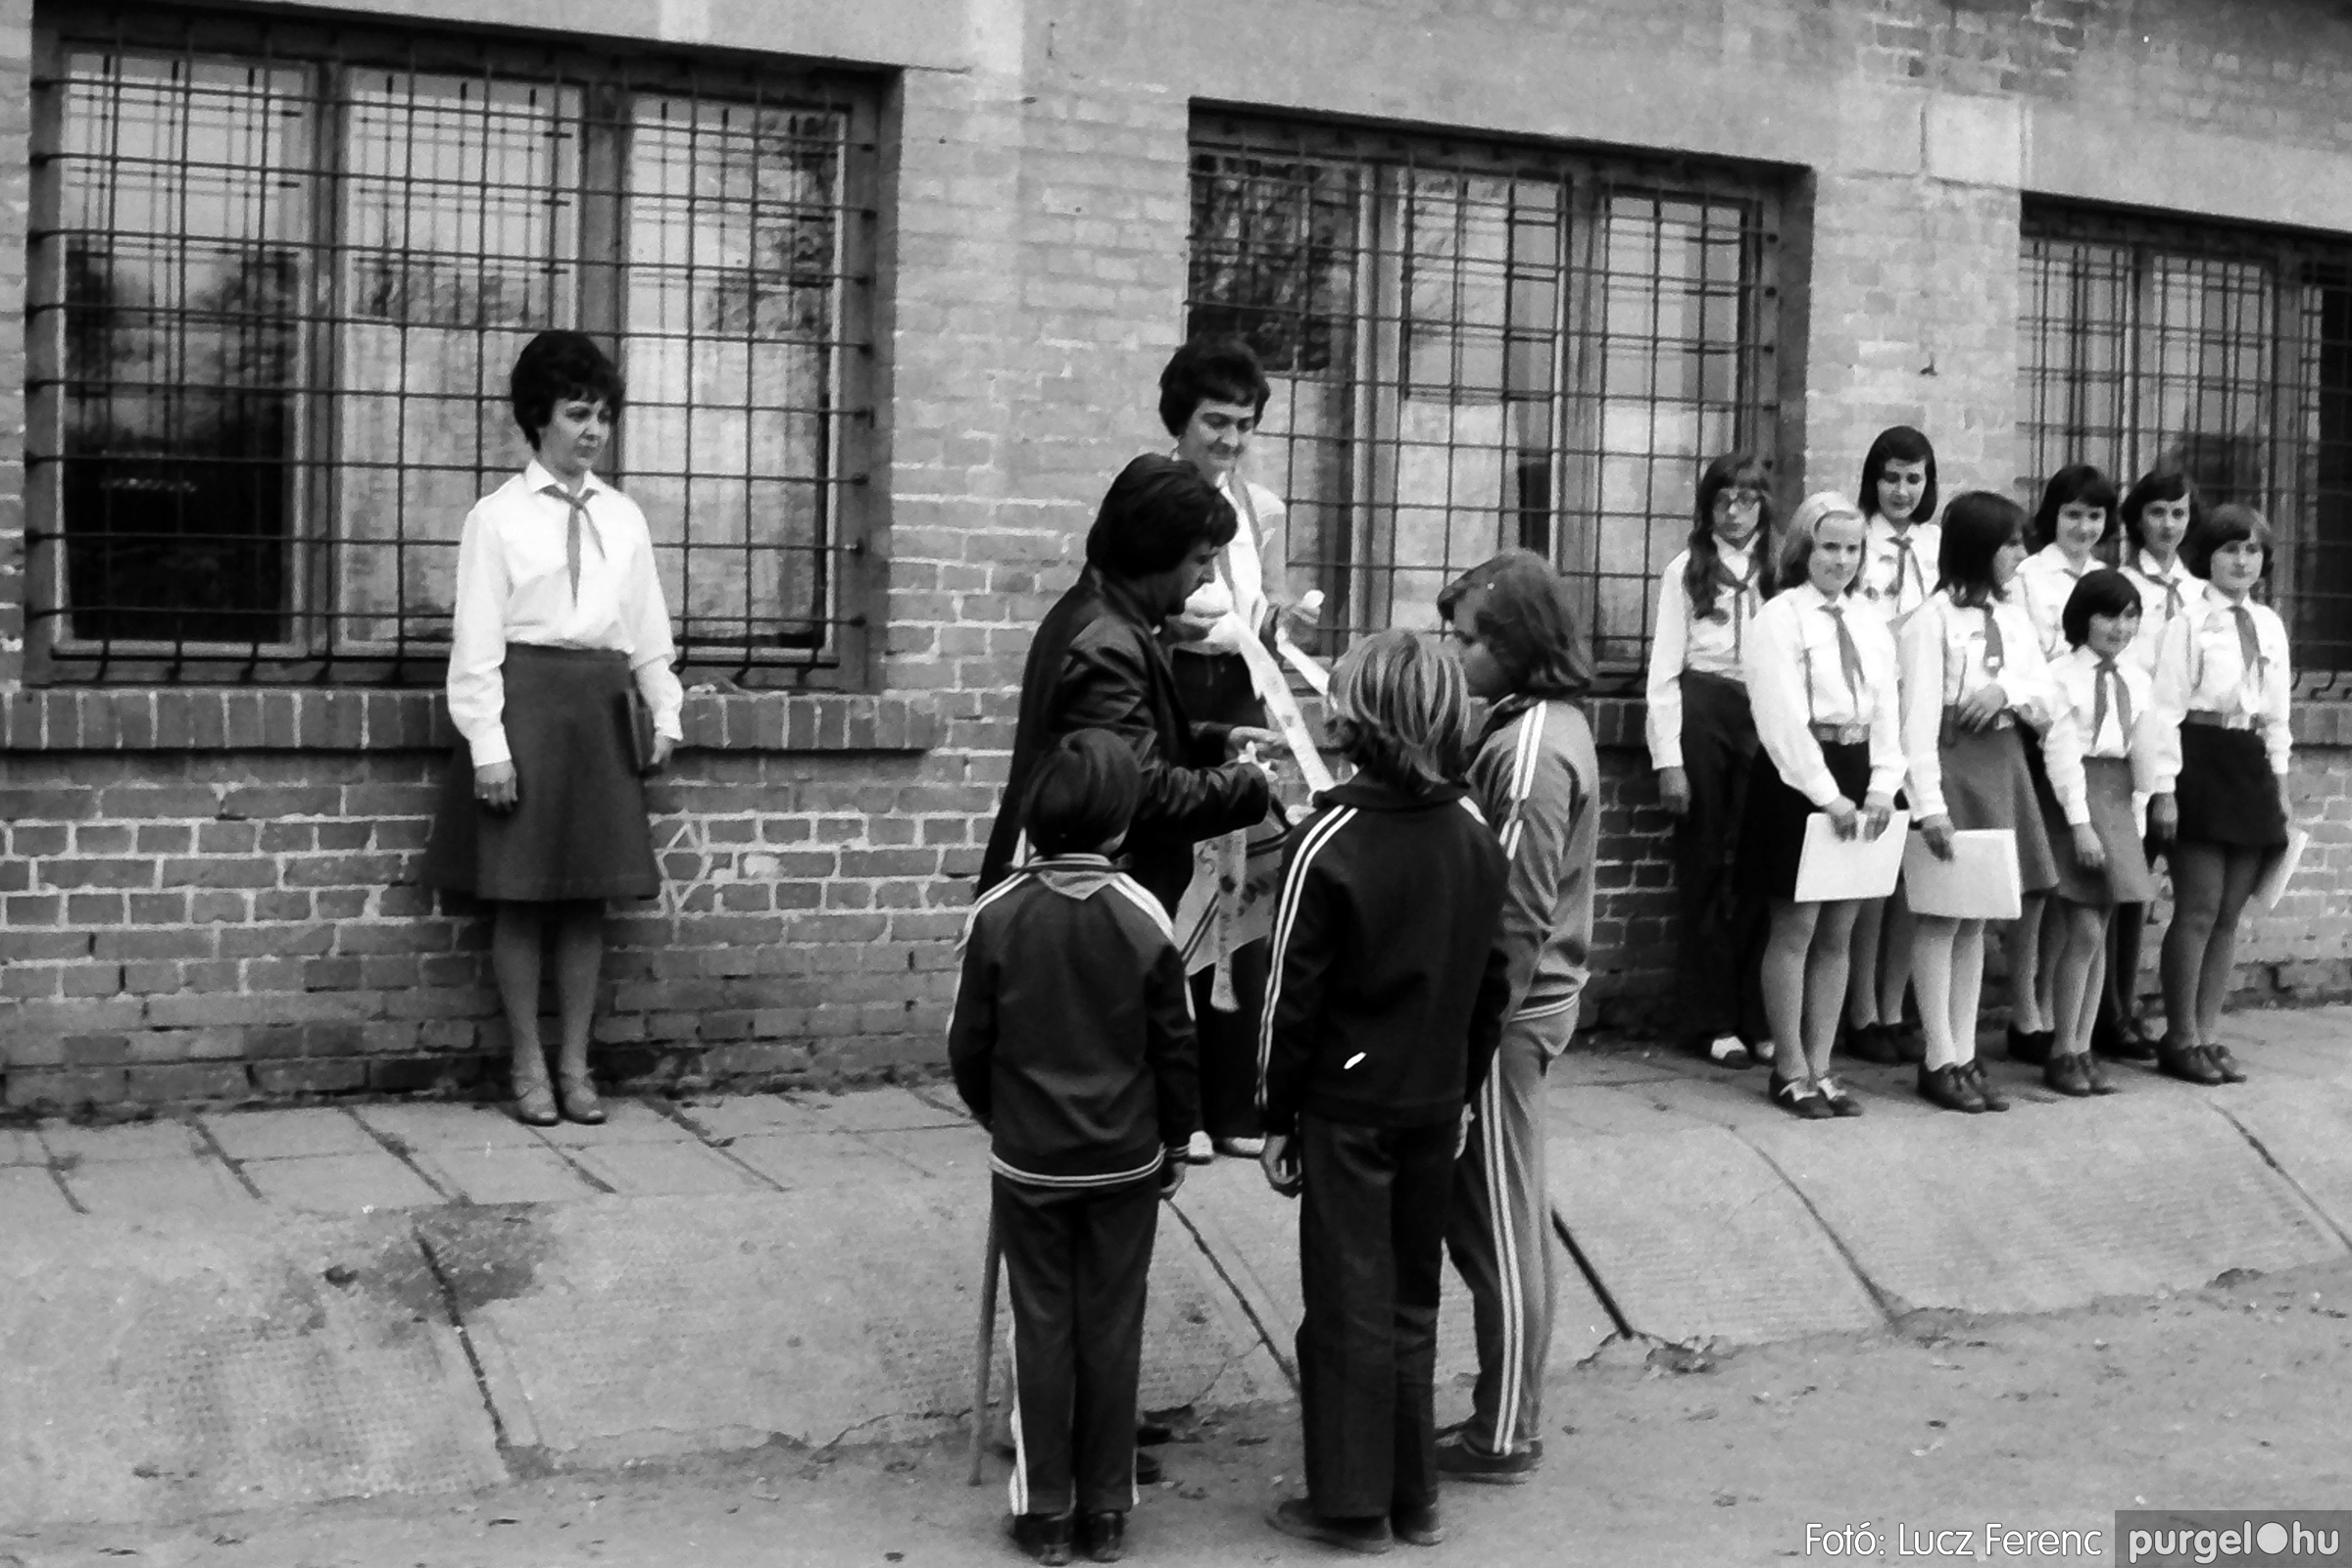 092. 1977. Úttörő rendezvény a Központi Általános Iskolában 026. - Fotó: Lucz Ferenc.jpg